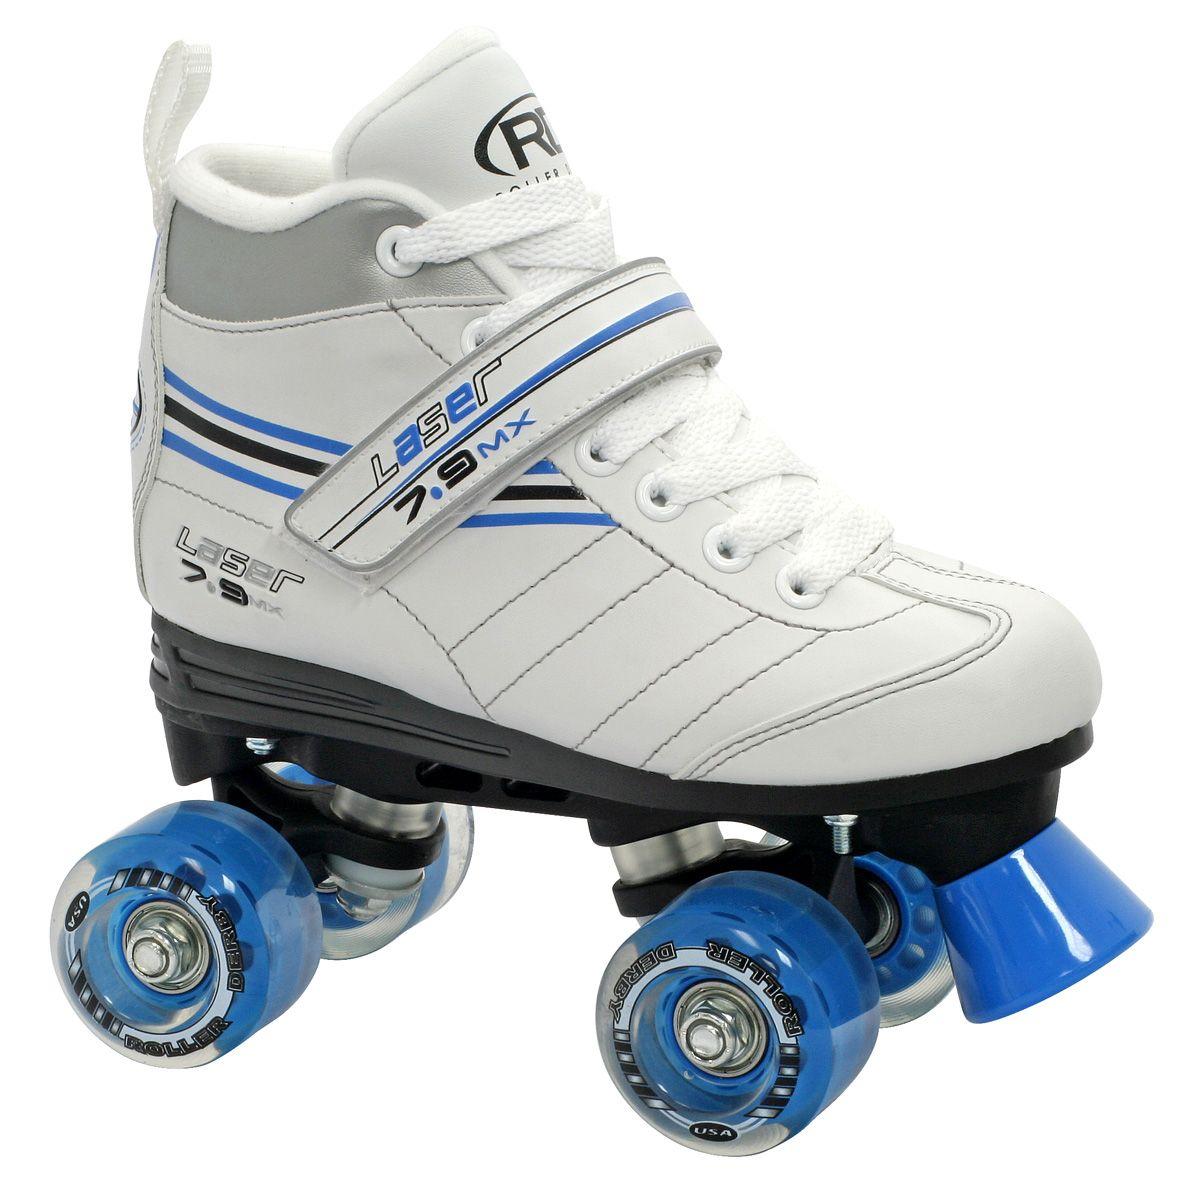 Roller skates under 20 dollars - Product Image Roller Derby Girls 7 9 Roller Skates